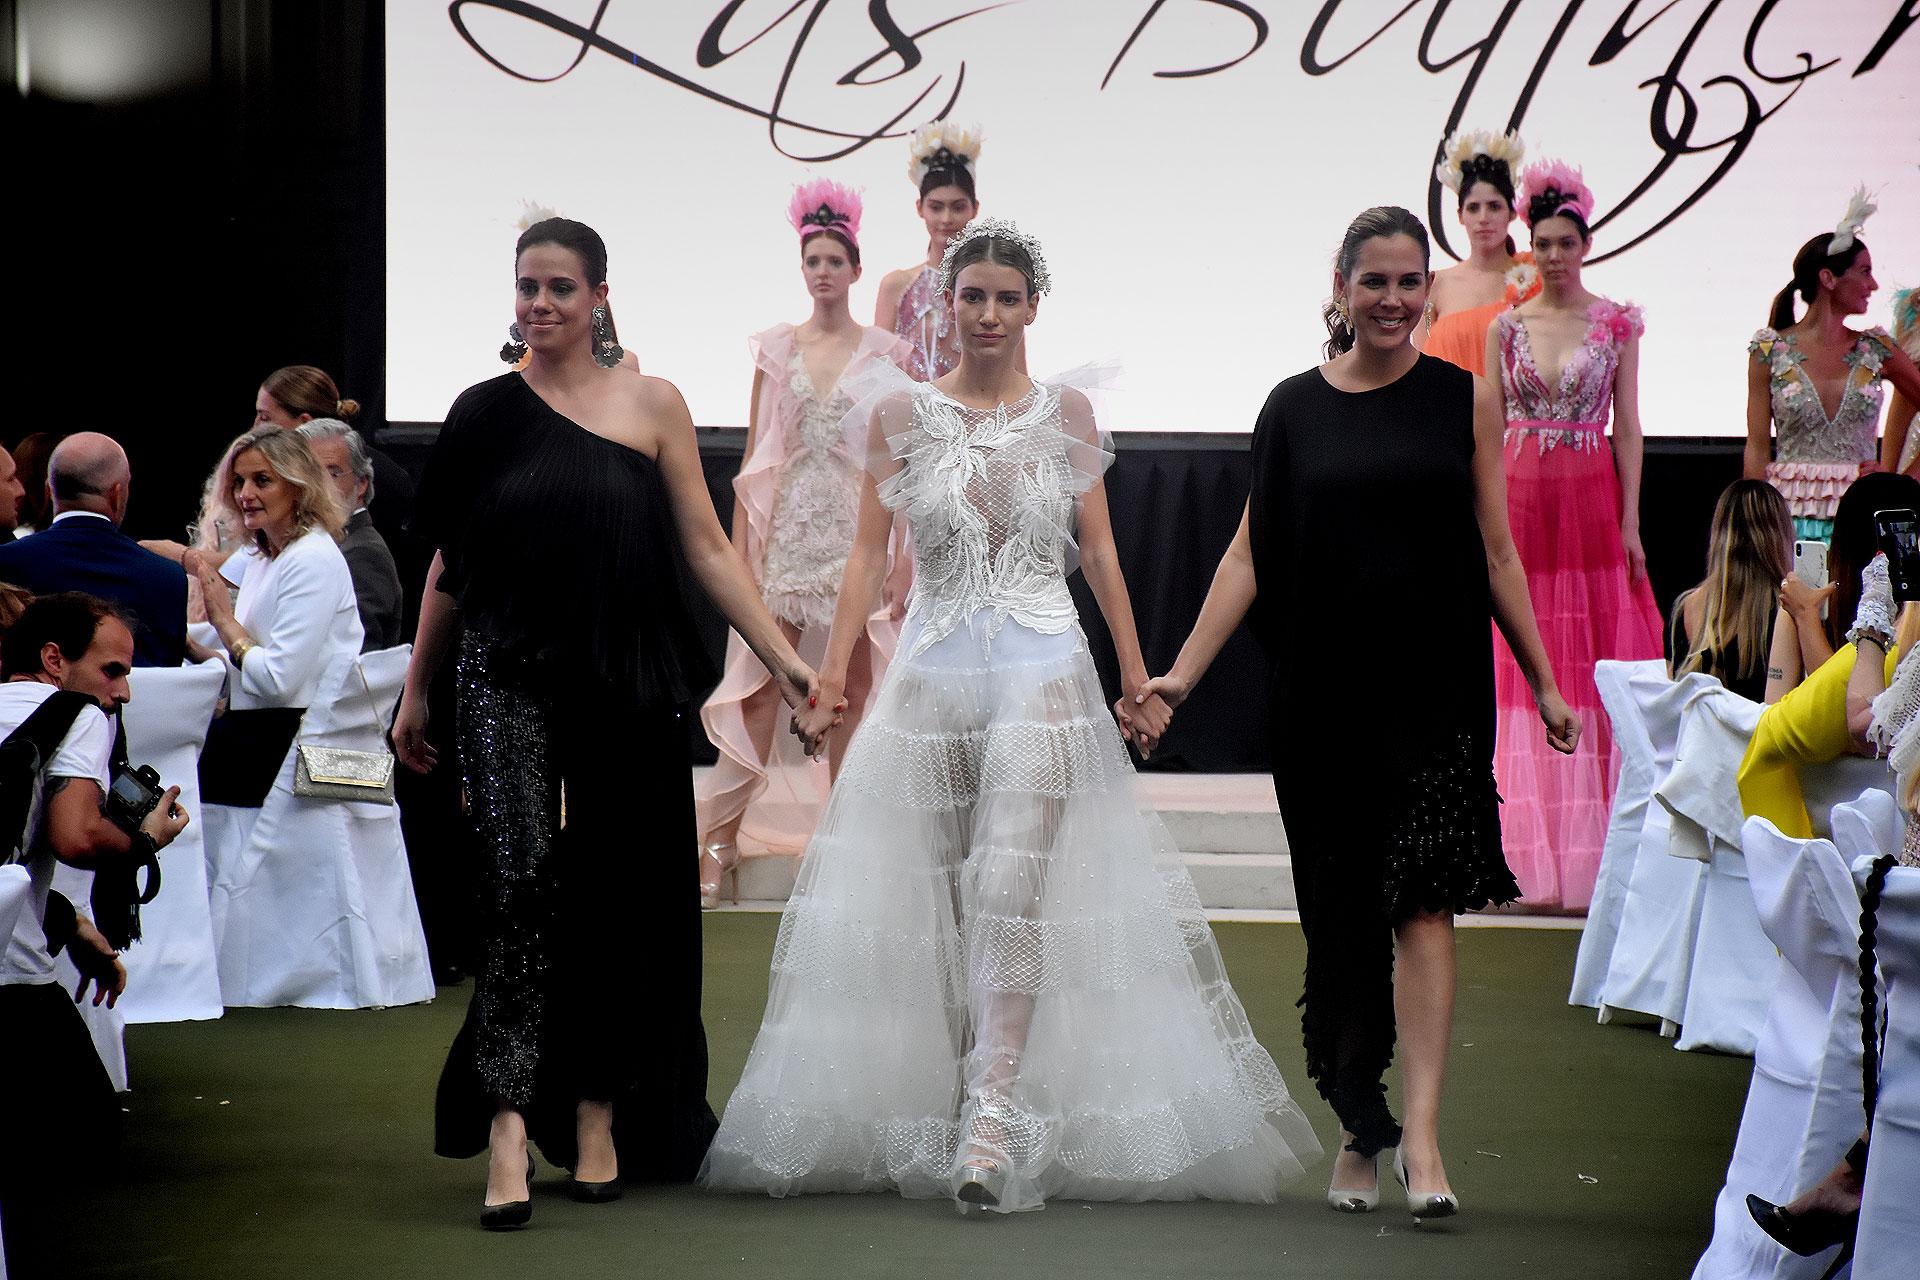 A días de su boda, Angie Landaburu se lució en la pasarela vestida de novia por las diseñadoras paraguayas, Las Buttner